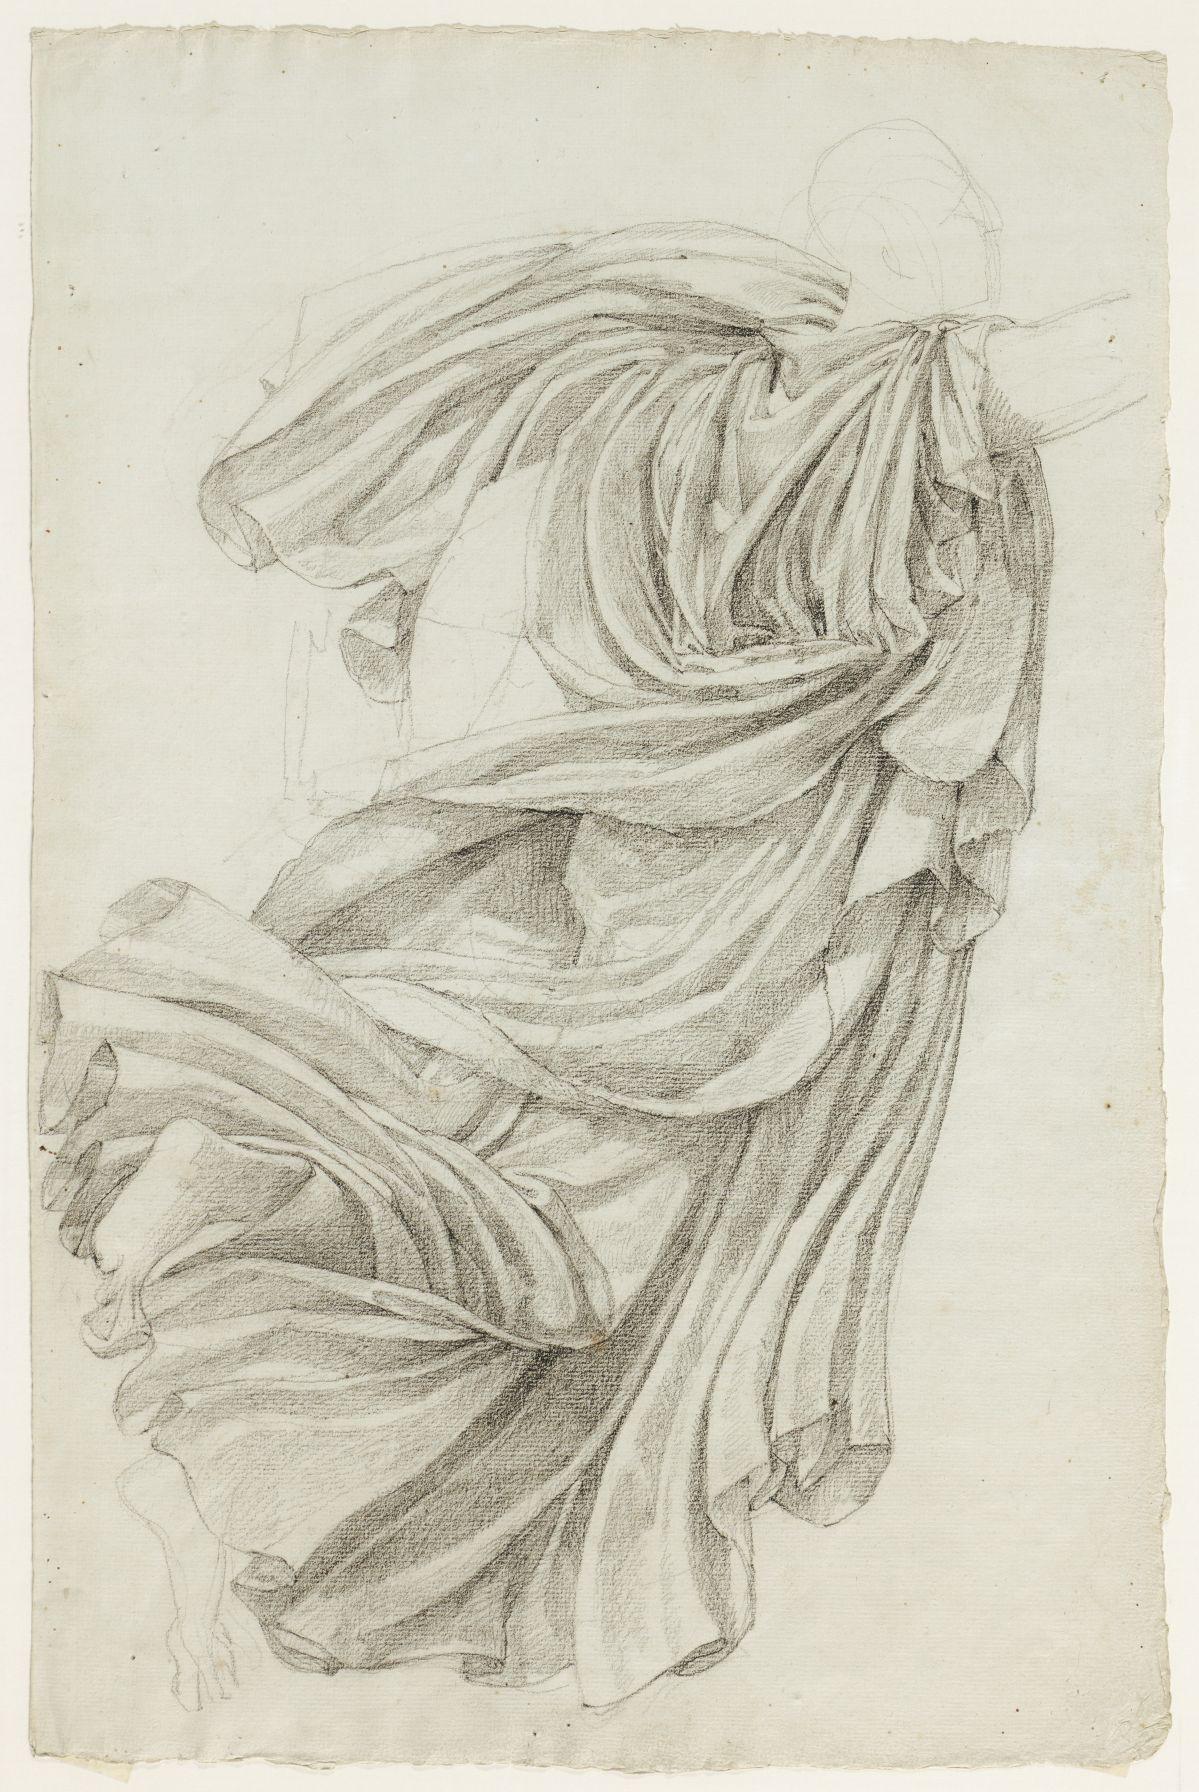 Jacques Réattu - Plafond du Grand-Théâtre de Marseille, étude de draperie pour la muse Clio Arles, 1819